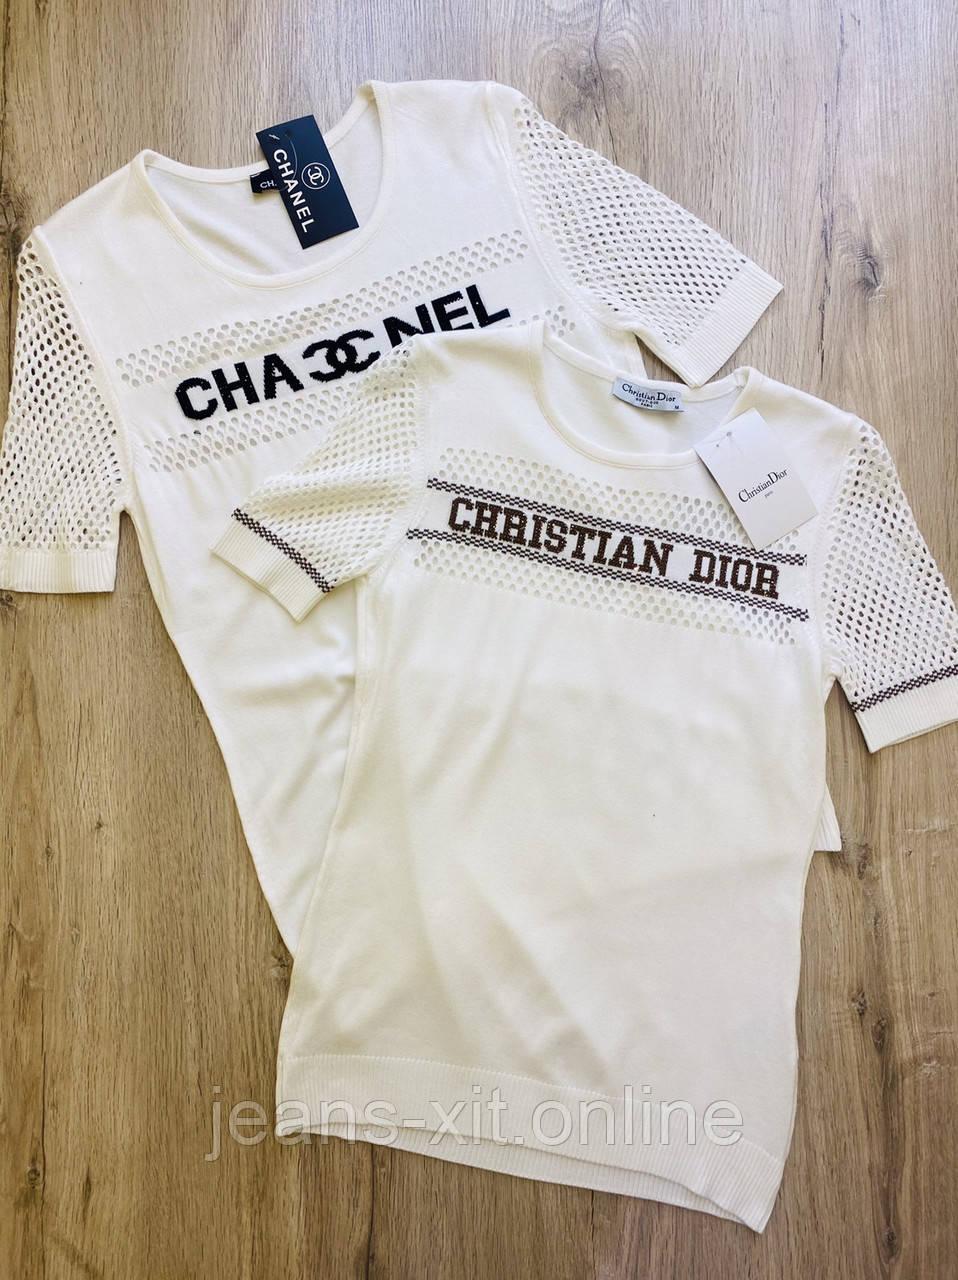 Футболка жіноча 2XL(р) біла 4121 CHANEL Туреччина Літо-D